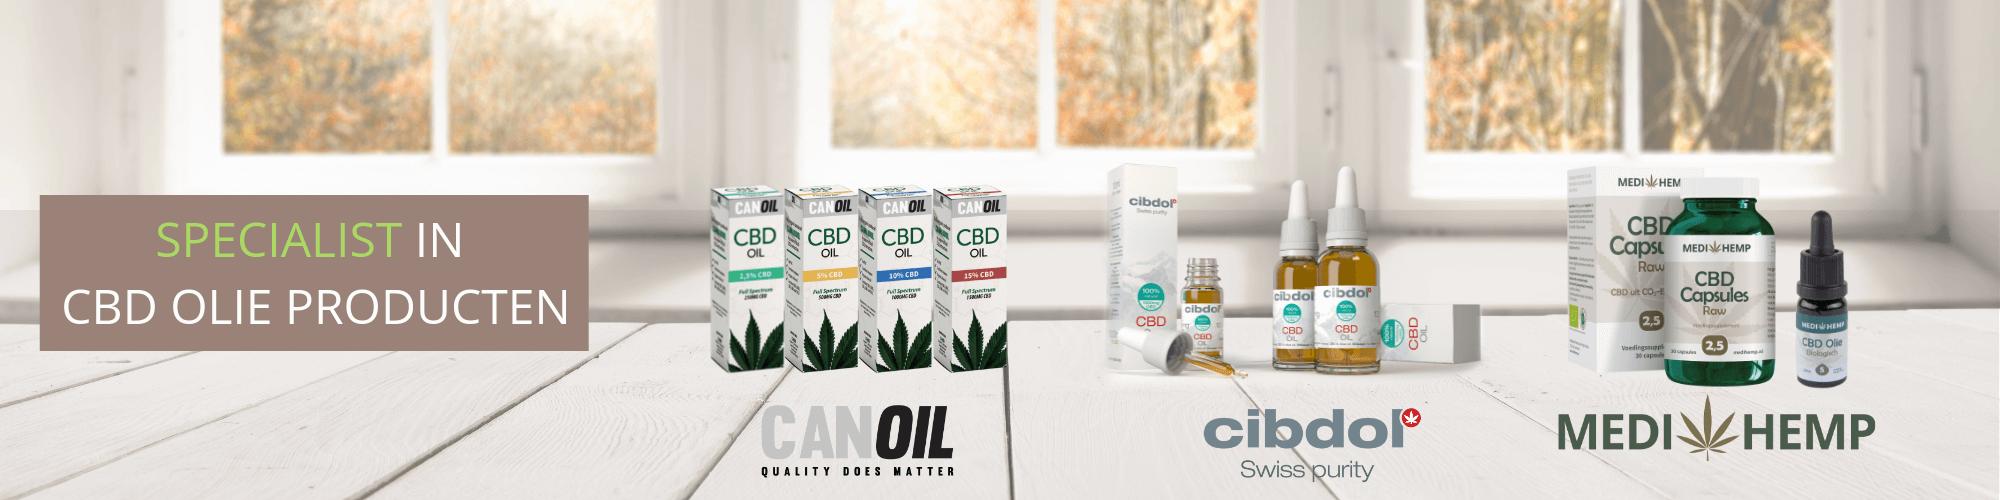 CBD Olie kopen ? Scherp geprijsd, hoogste kwaliteit! - CBD Olie Online banner 1